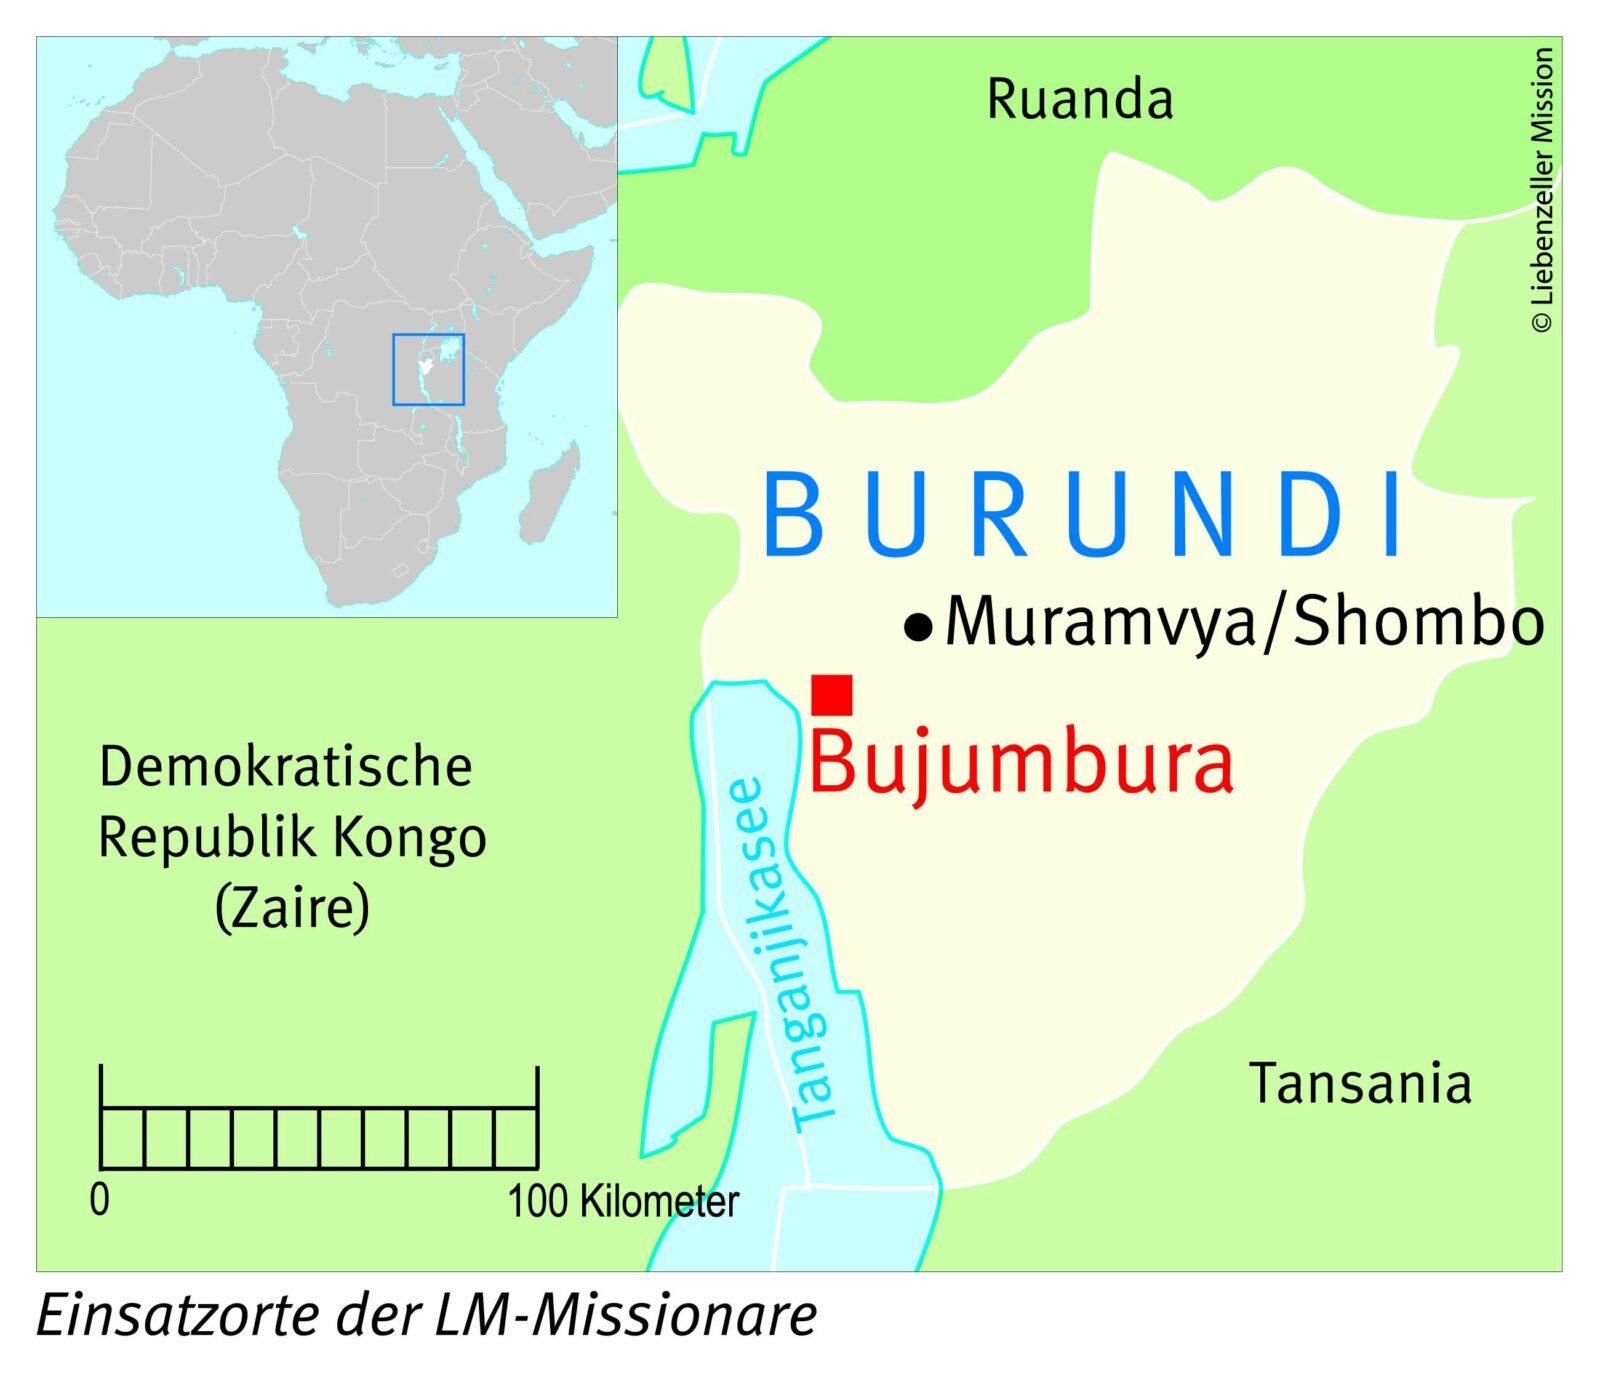 Einsatzorte der LM-Missionare in Burundi